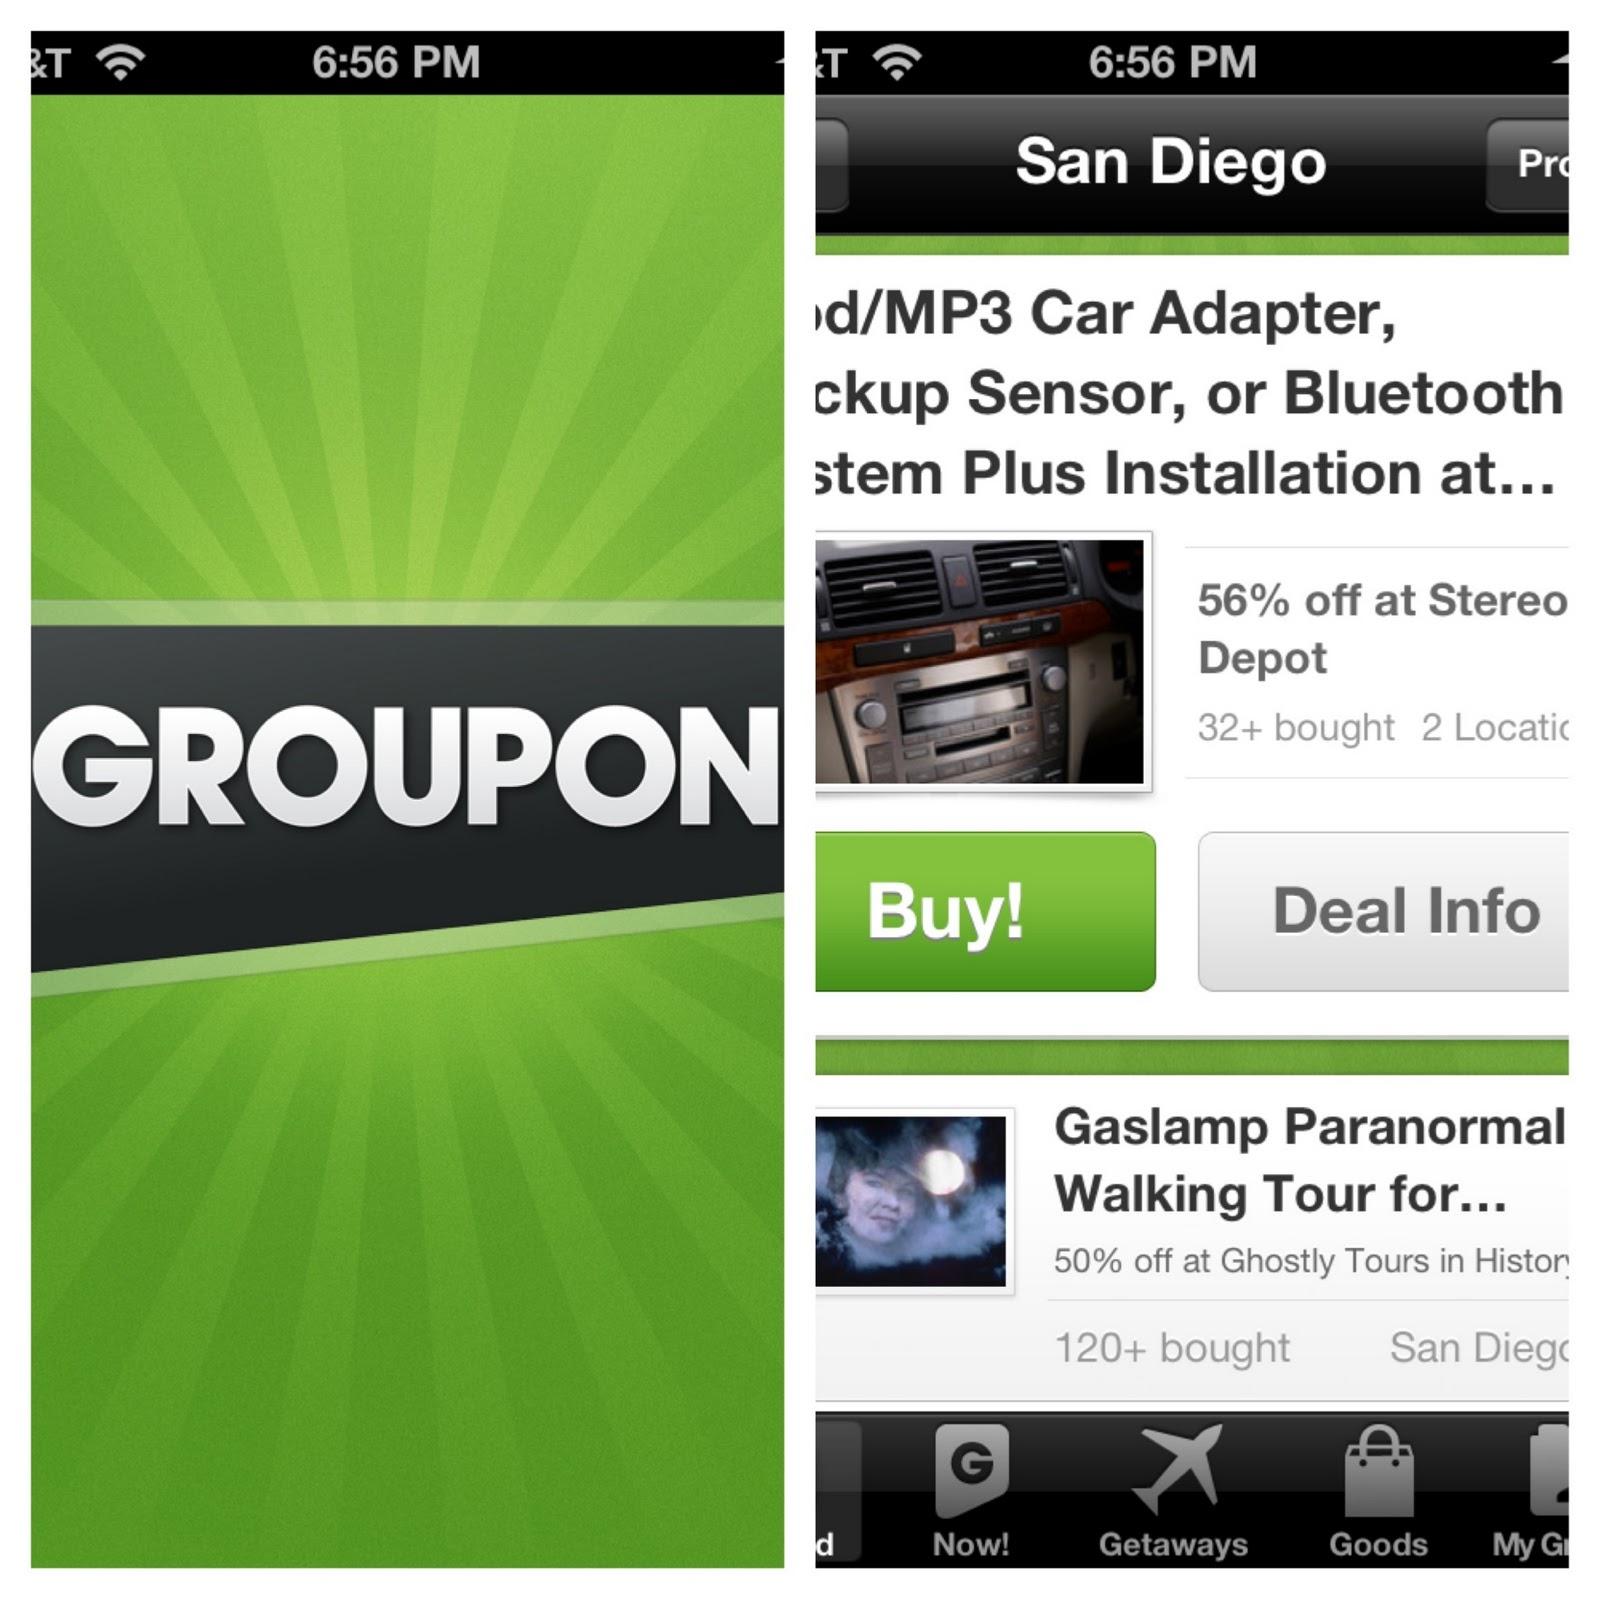 Groupon: Go Mobile Get $5 Bucks - Drugstore Divas